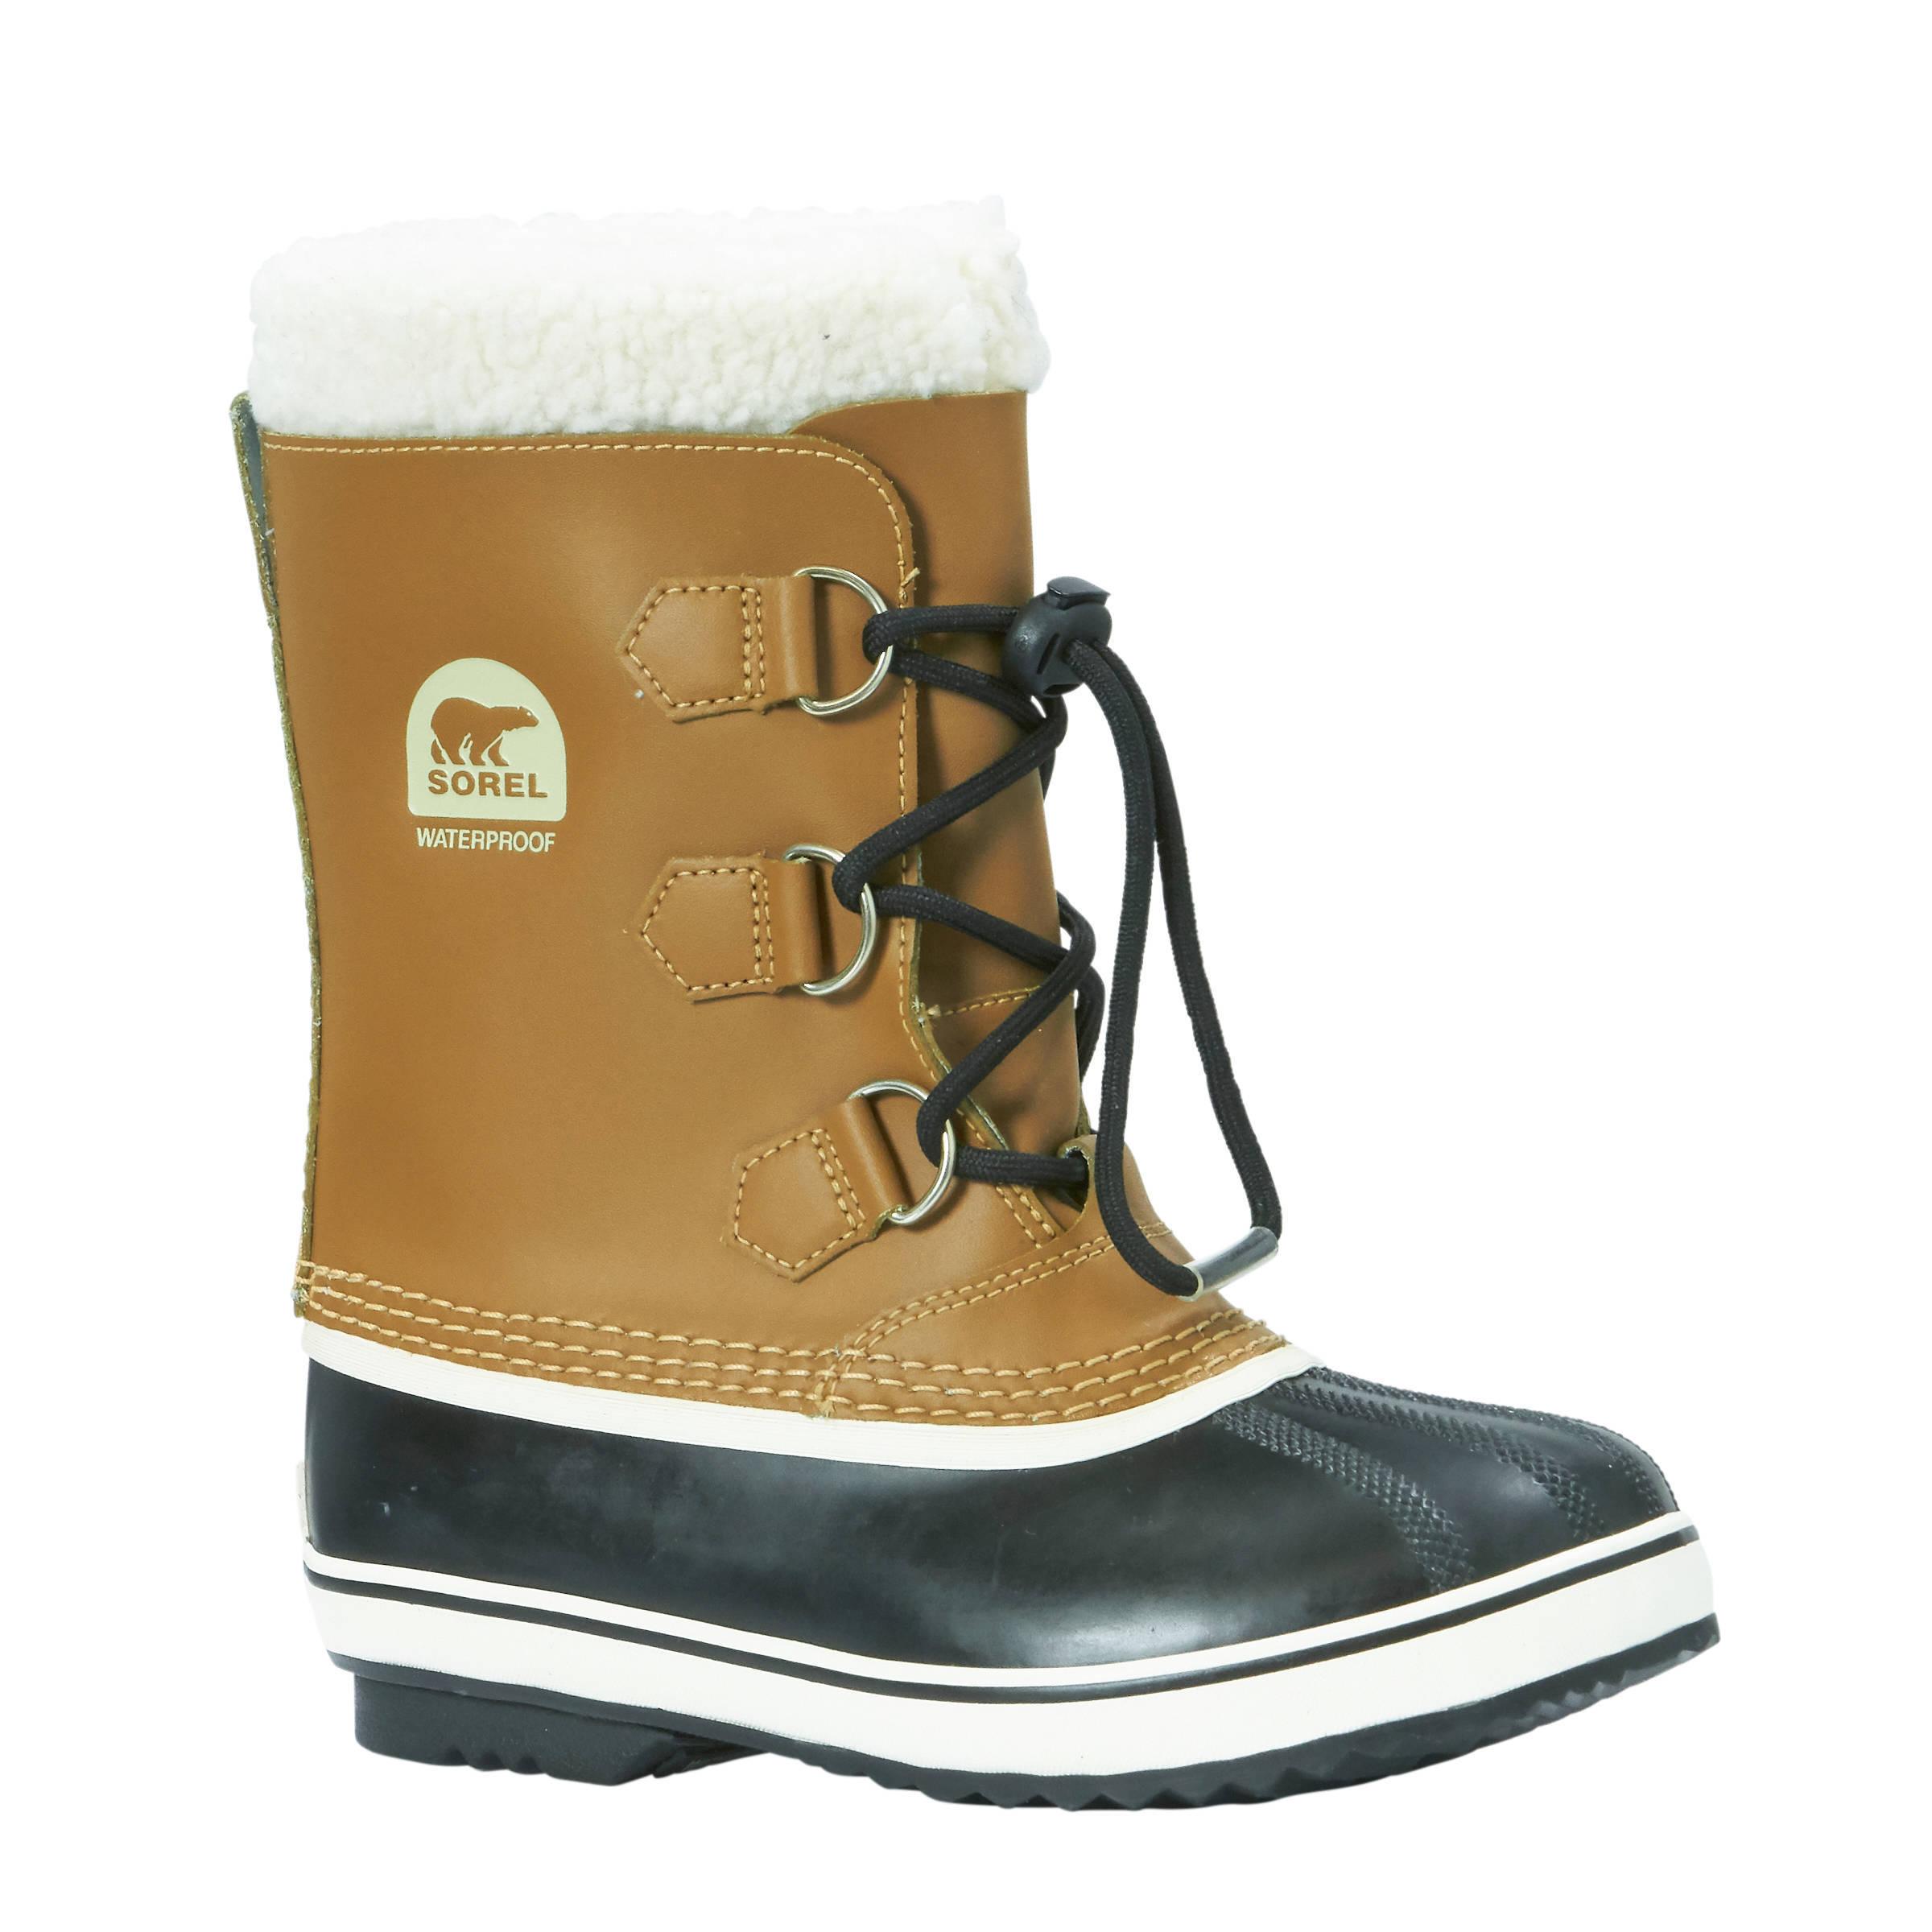 72600fdd3 sorel-yoot-pac-nylon-snowboots-bruin-bruin-0888664577980.jpg